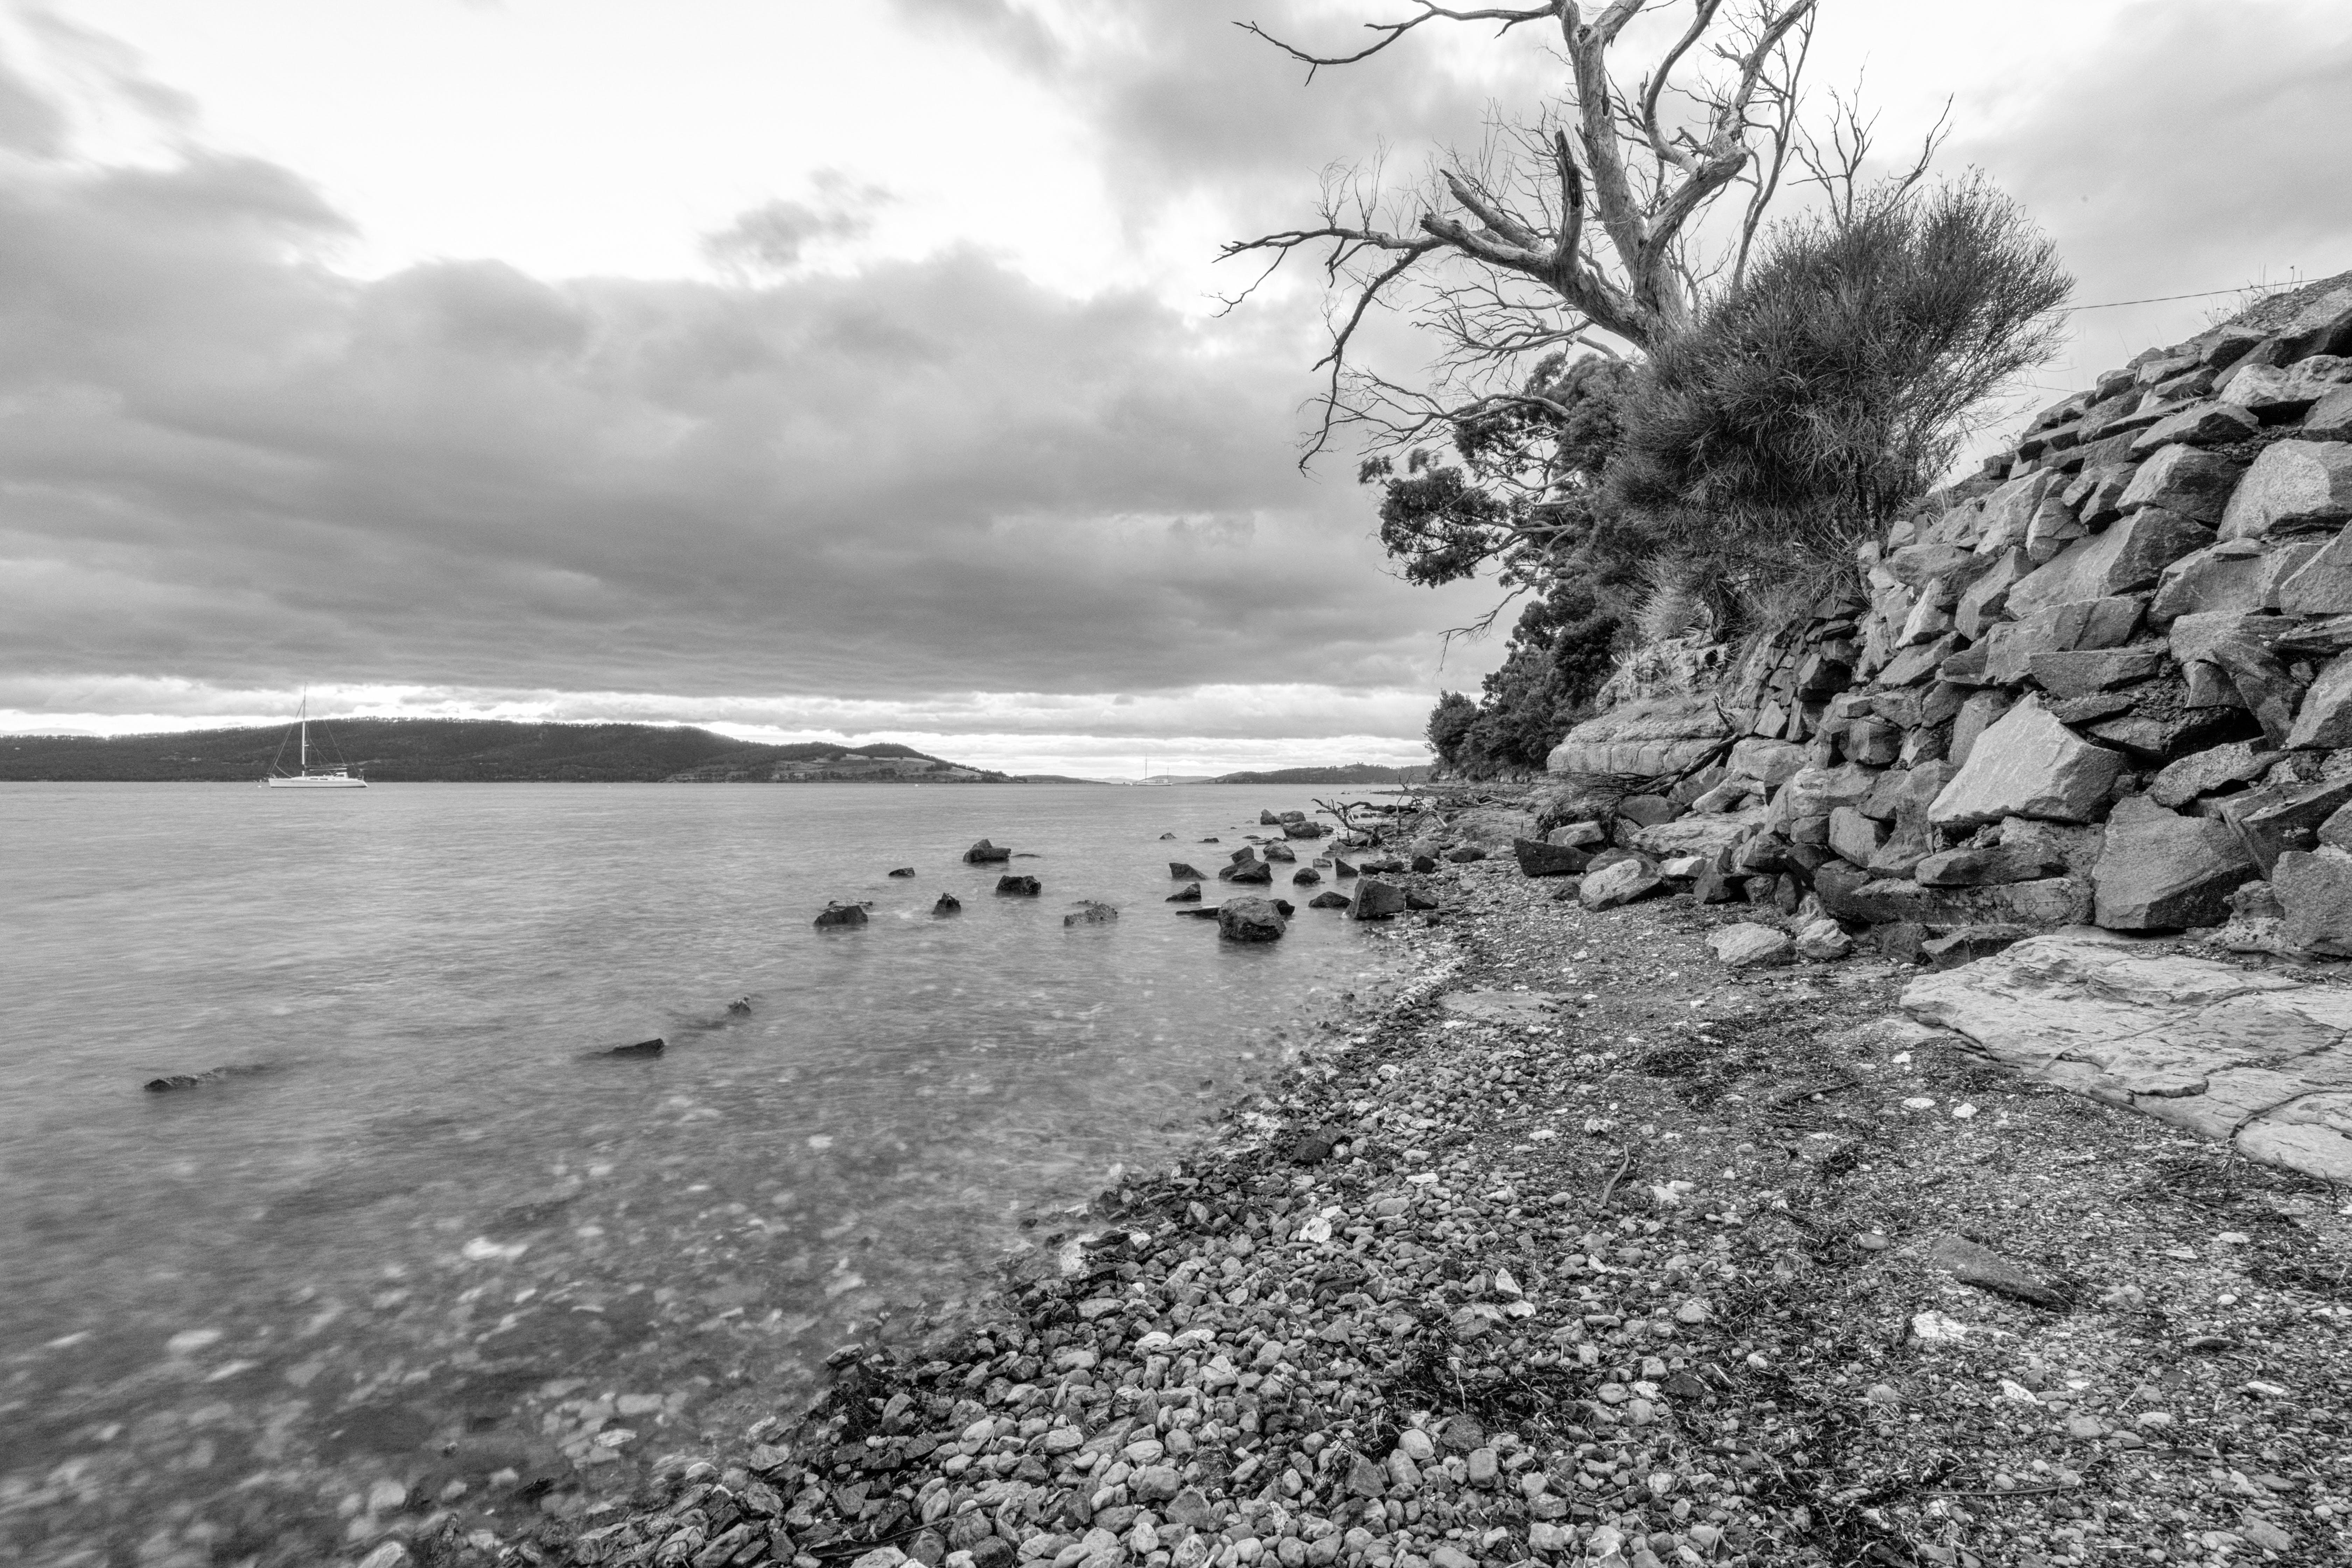 シースケープ, ビーチ, 夏, 岩の無料の写真素材